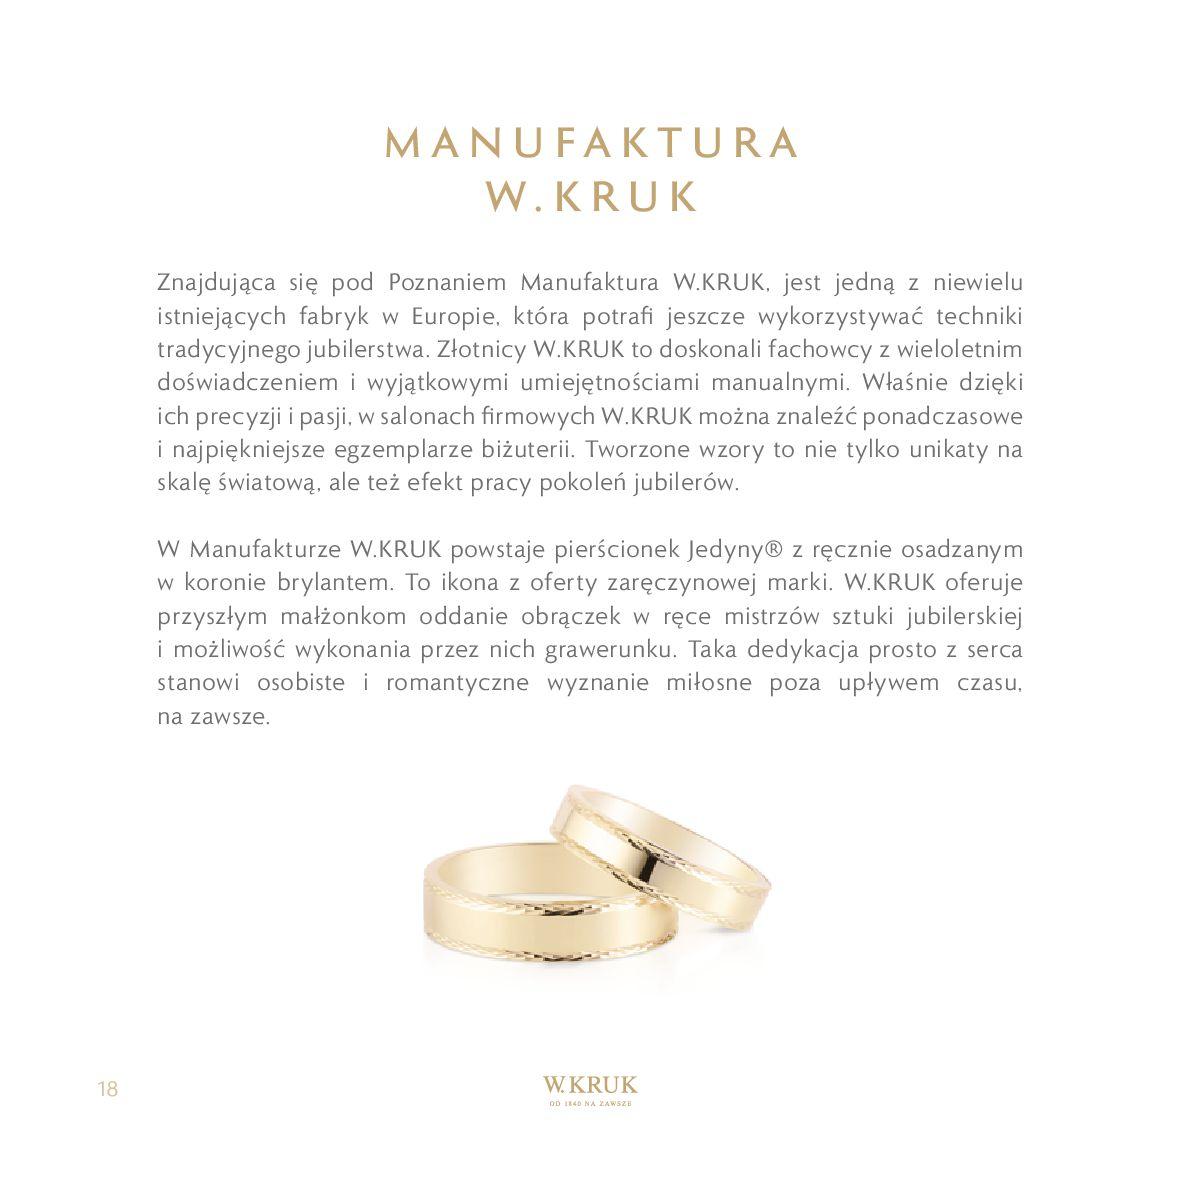 Gazetka W. KRUK: Katalog - Obrączki 2021-02-17 page-20